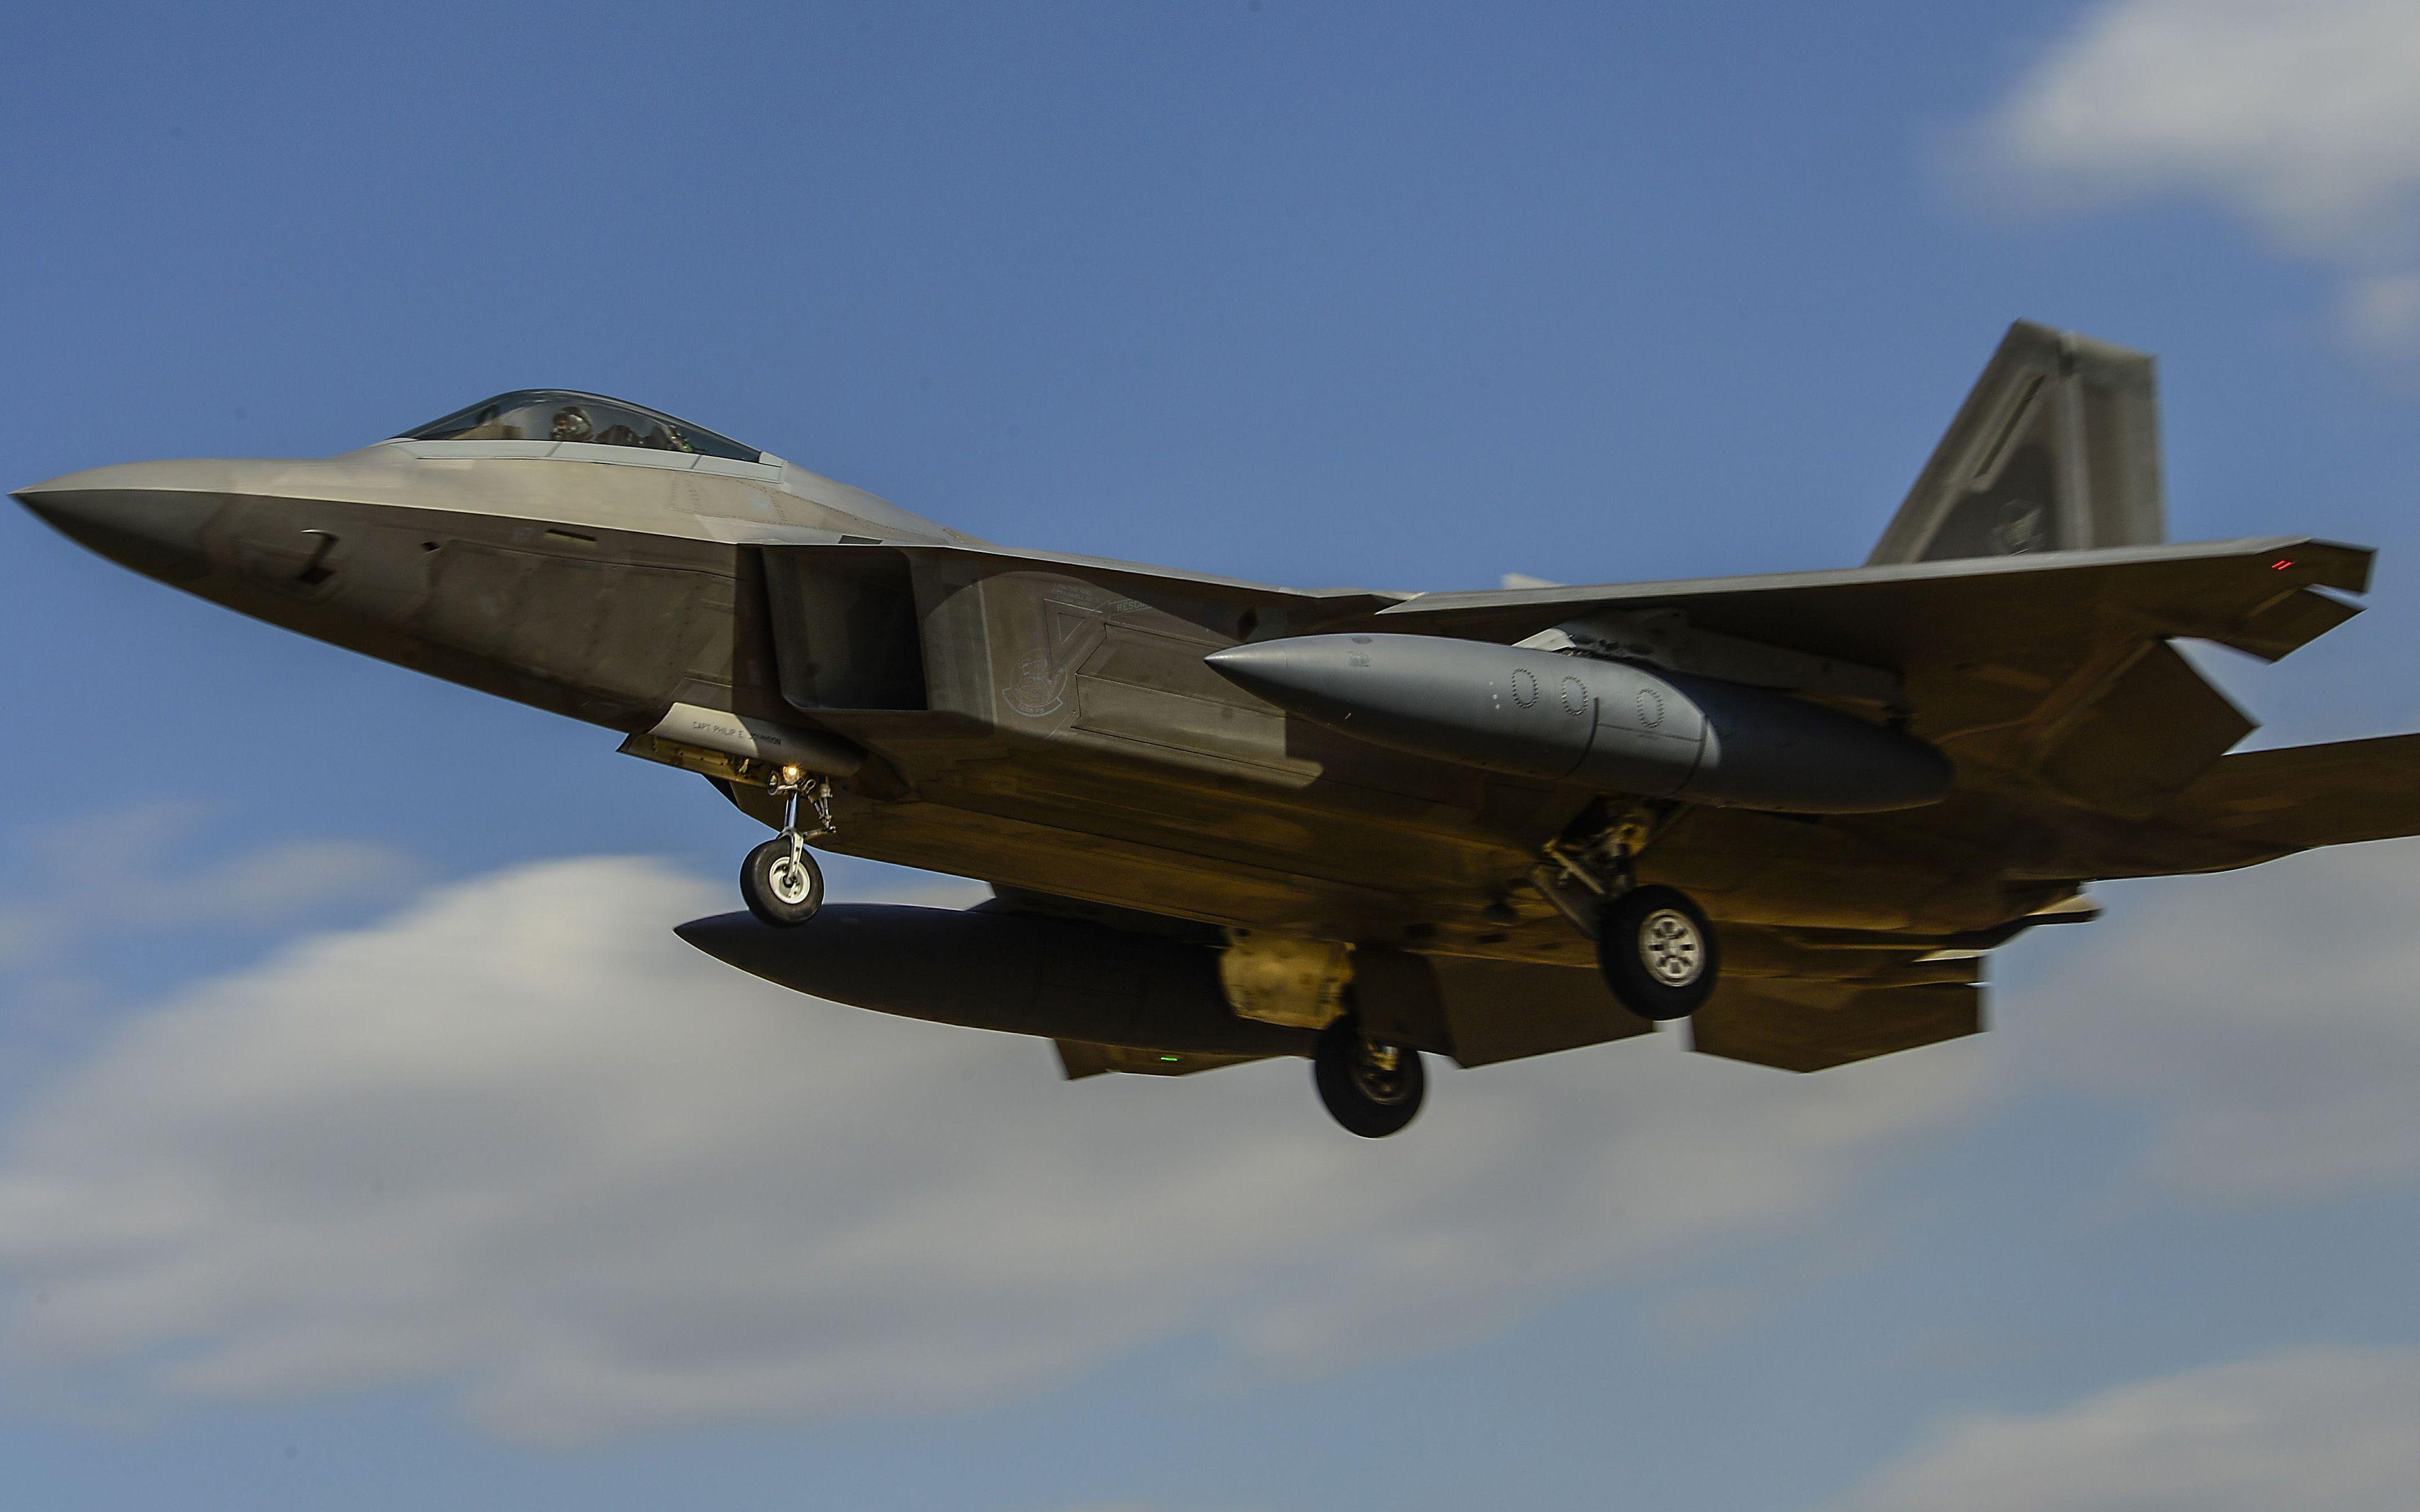 F 35 4k Caza Bombarderos Aviones Militares La Fuerza Aérea De Eeuu La Cautela El Lockheed Martin F 35 Lightning Ii Est F 35 Us Air Force Militärflugzeug